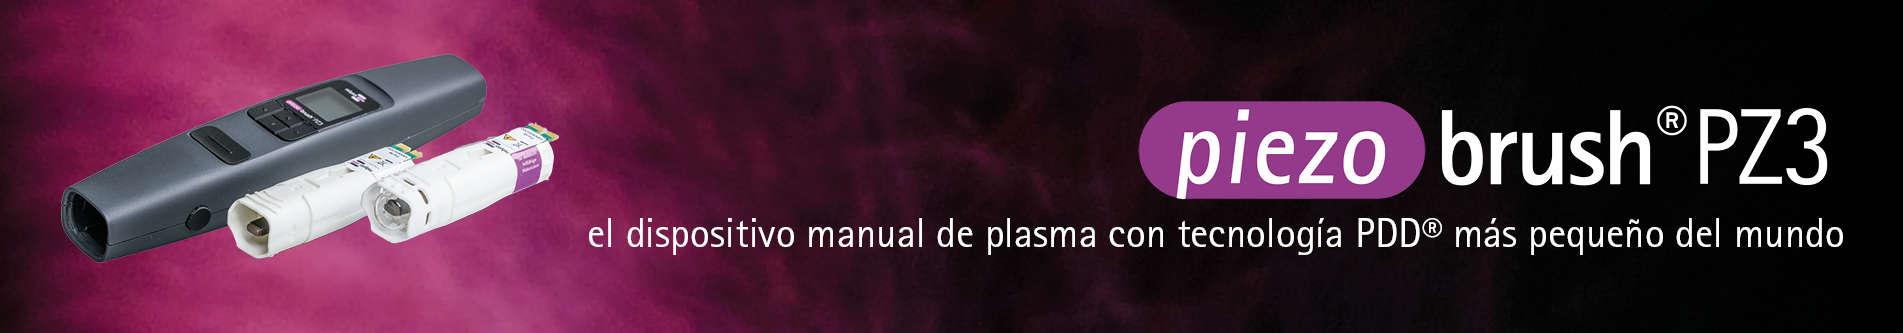 piezobrush® PZ3: el dispositivo manual de plasma con tecnología PDD® más pequeño del mundo